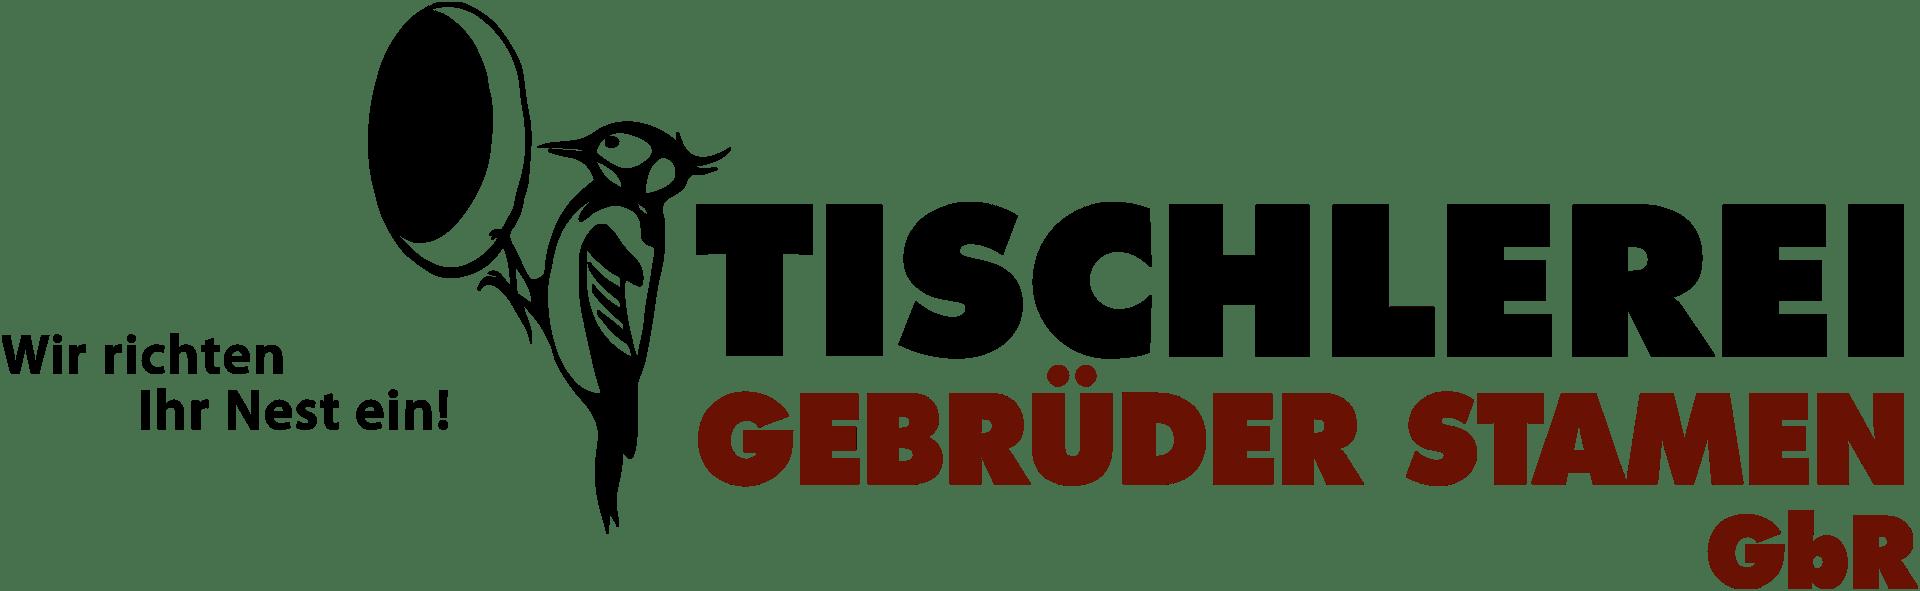 Bild: Tischlerei Gebrüder Stamen GbR aus Ense - Logo